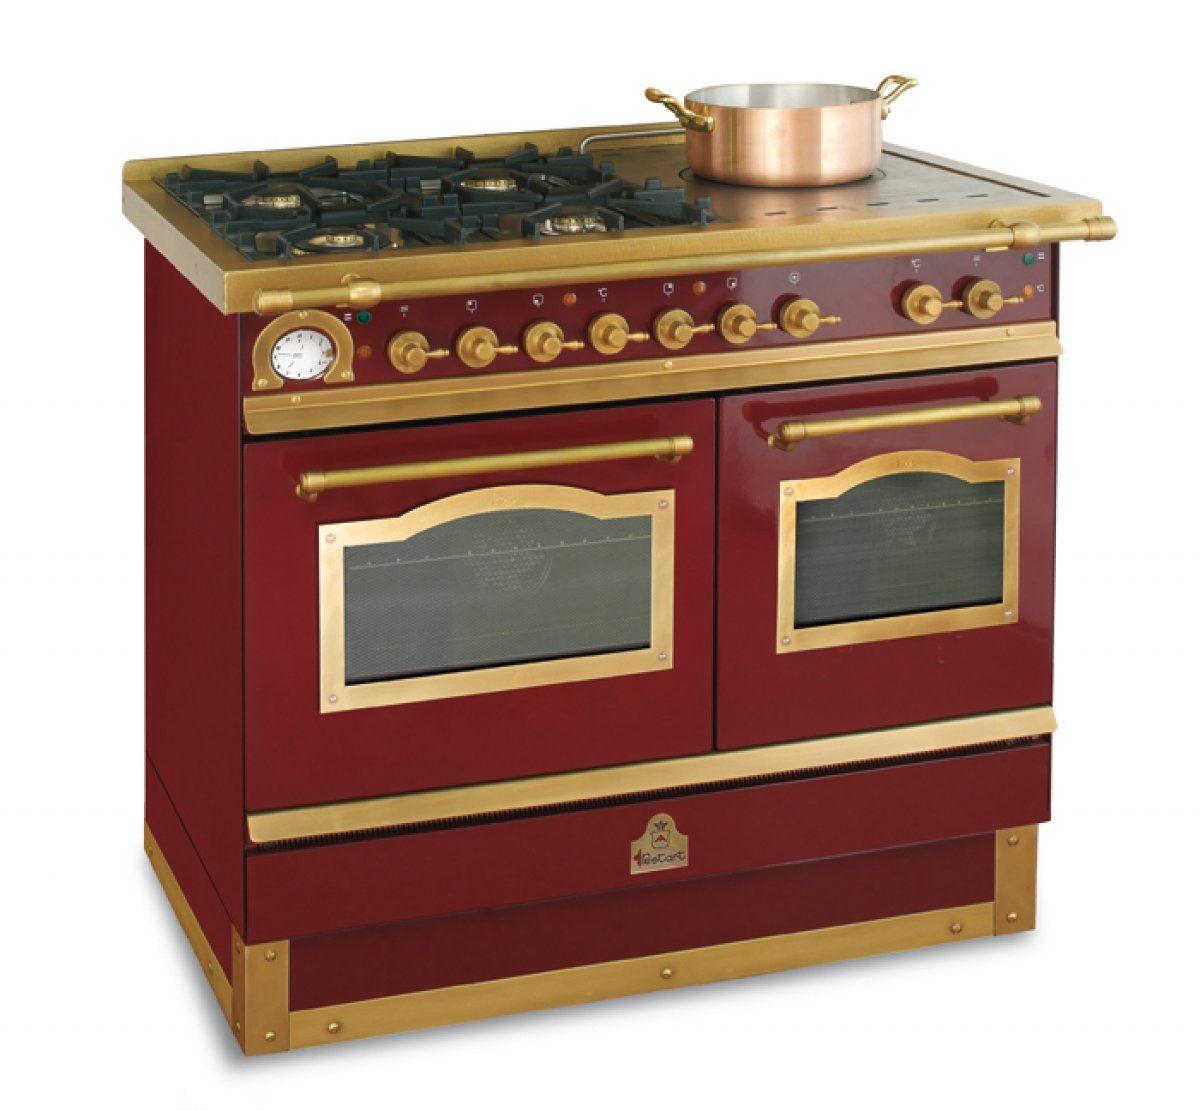 Cucine A Gas Stile Country Prezzi.Range Elg346 Dual Fuel Restart Firenze Stufa A Gas Elettrodomestici Da Cucina Cucine